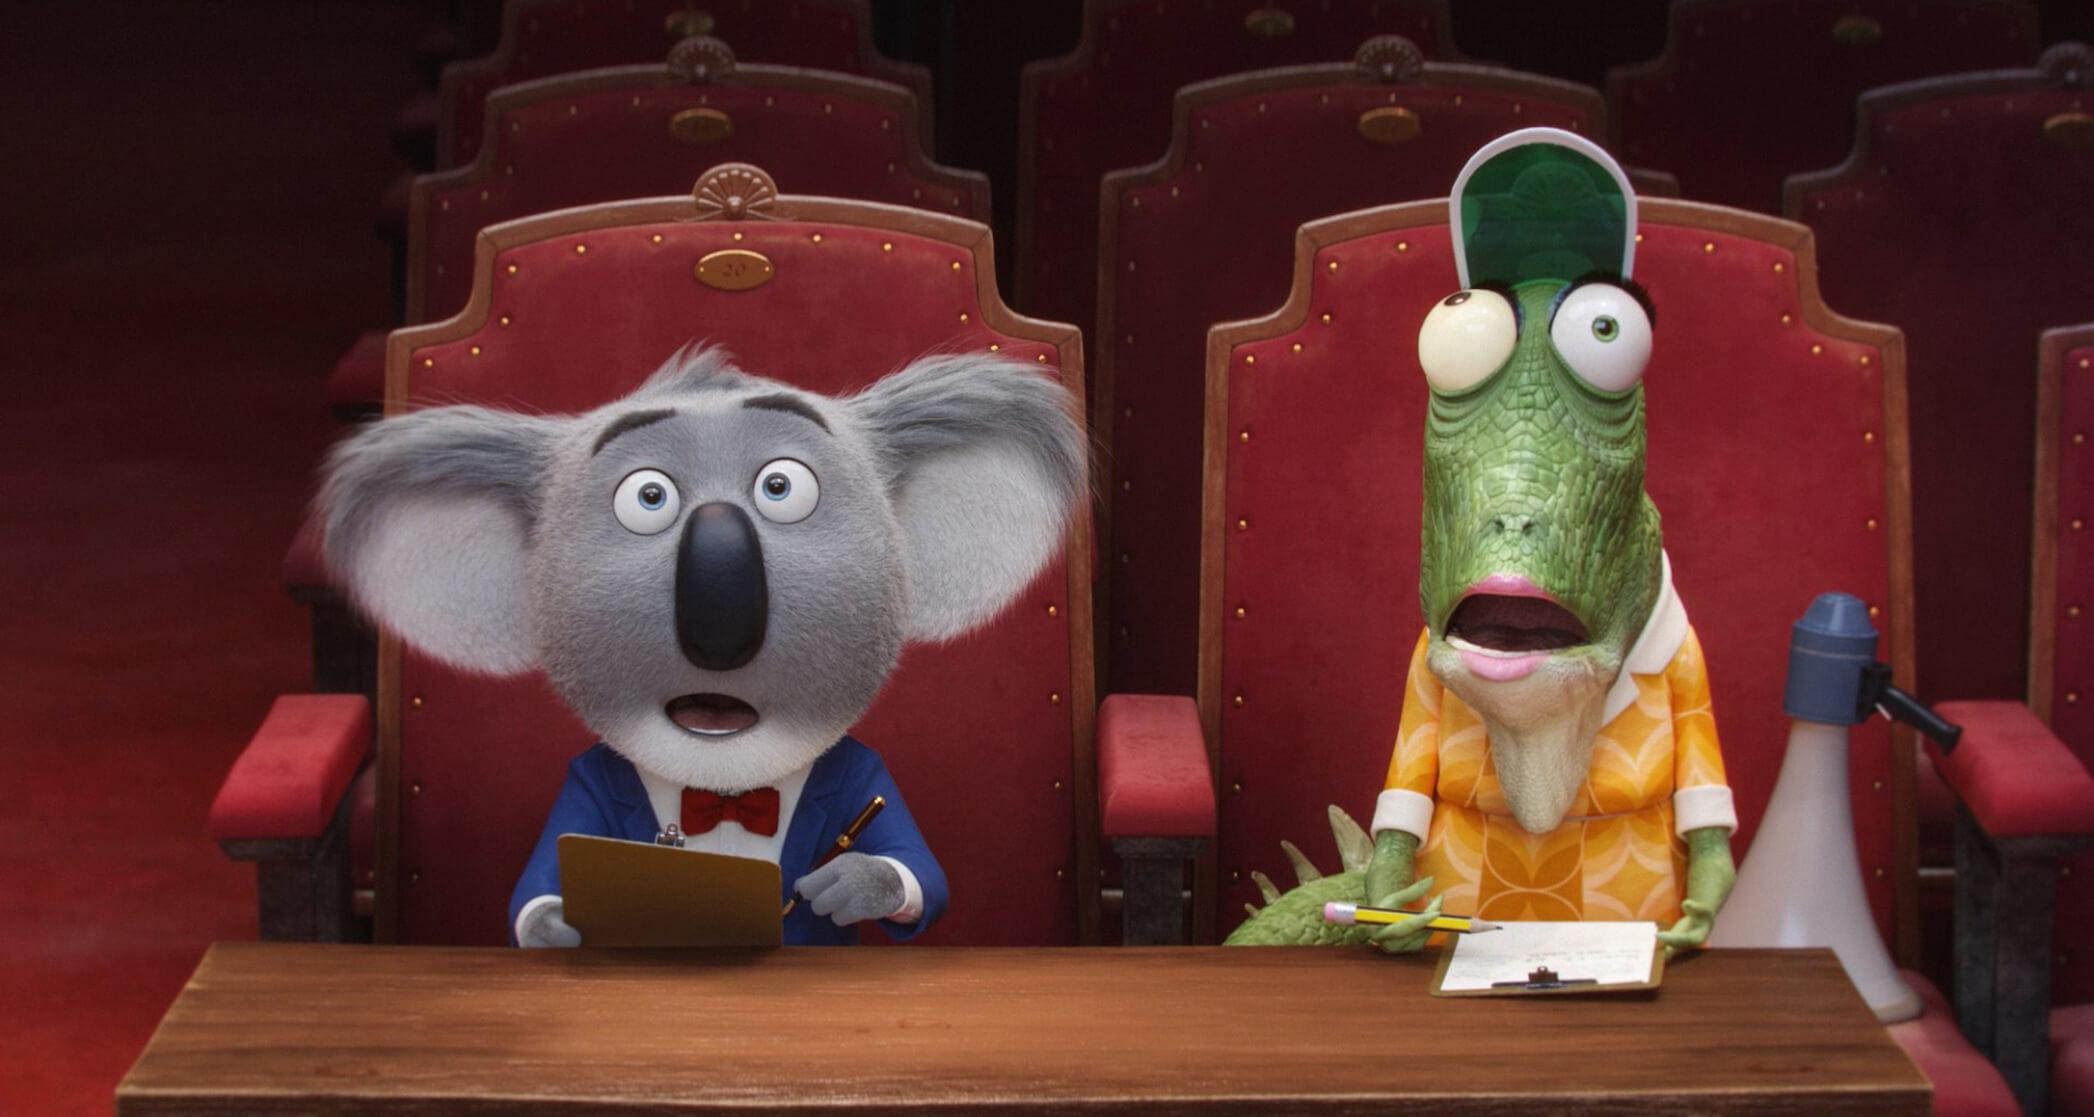 Der Koaloa und seine Sekretärin